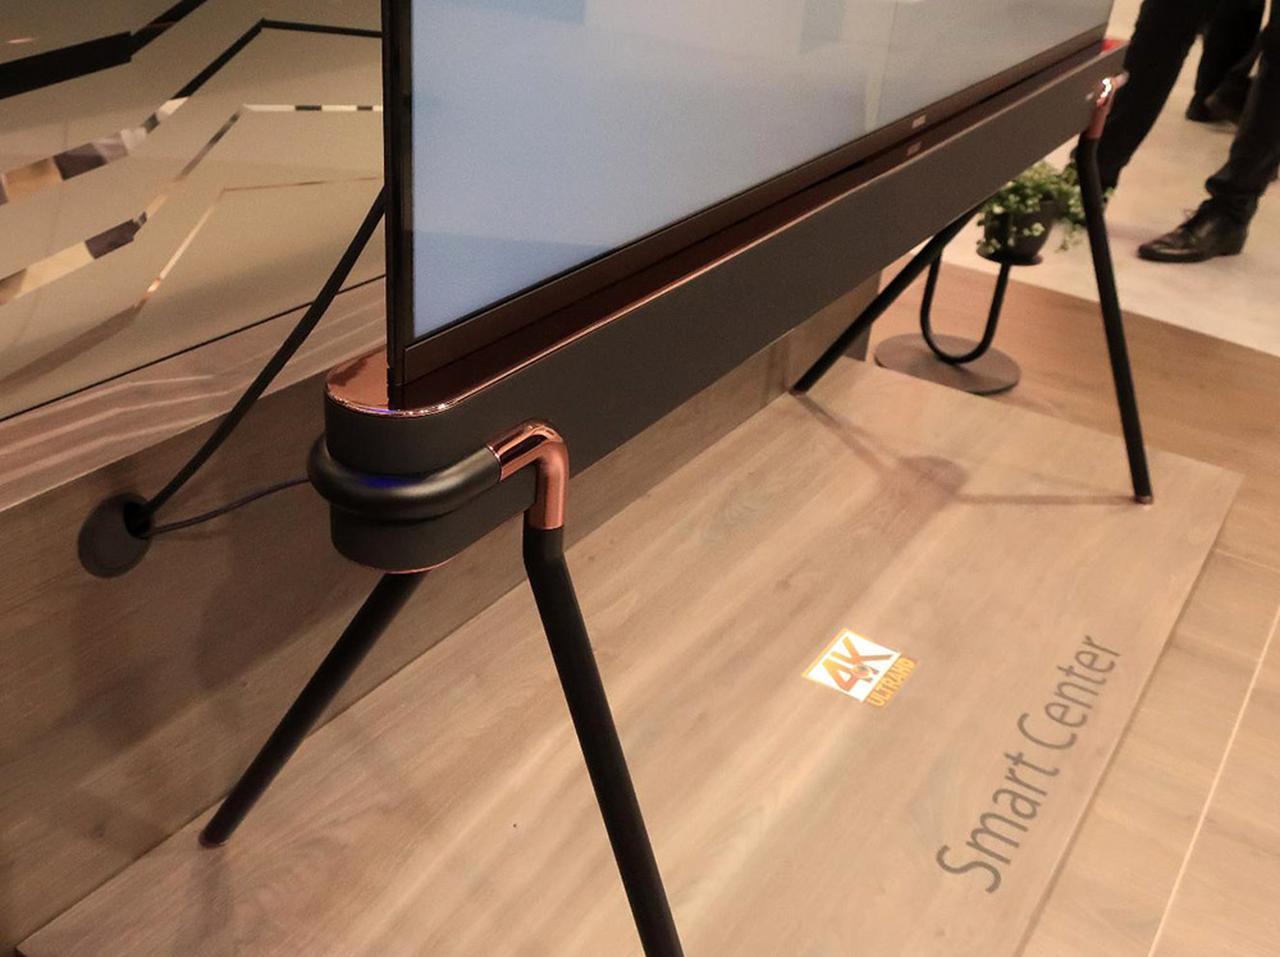 画像: 「スマートセンター」というテレビ。エッジ処理が特徴的だ